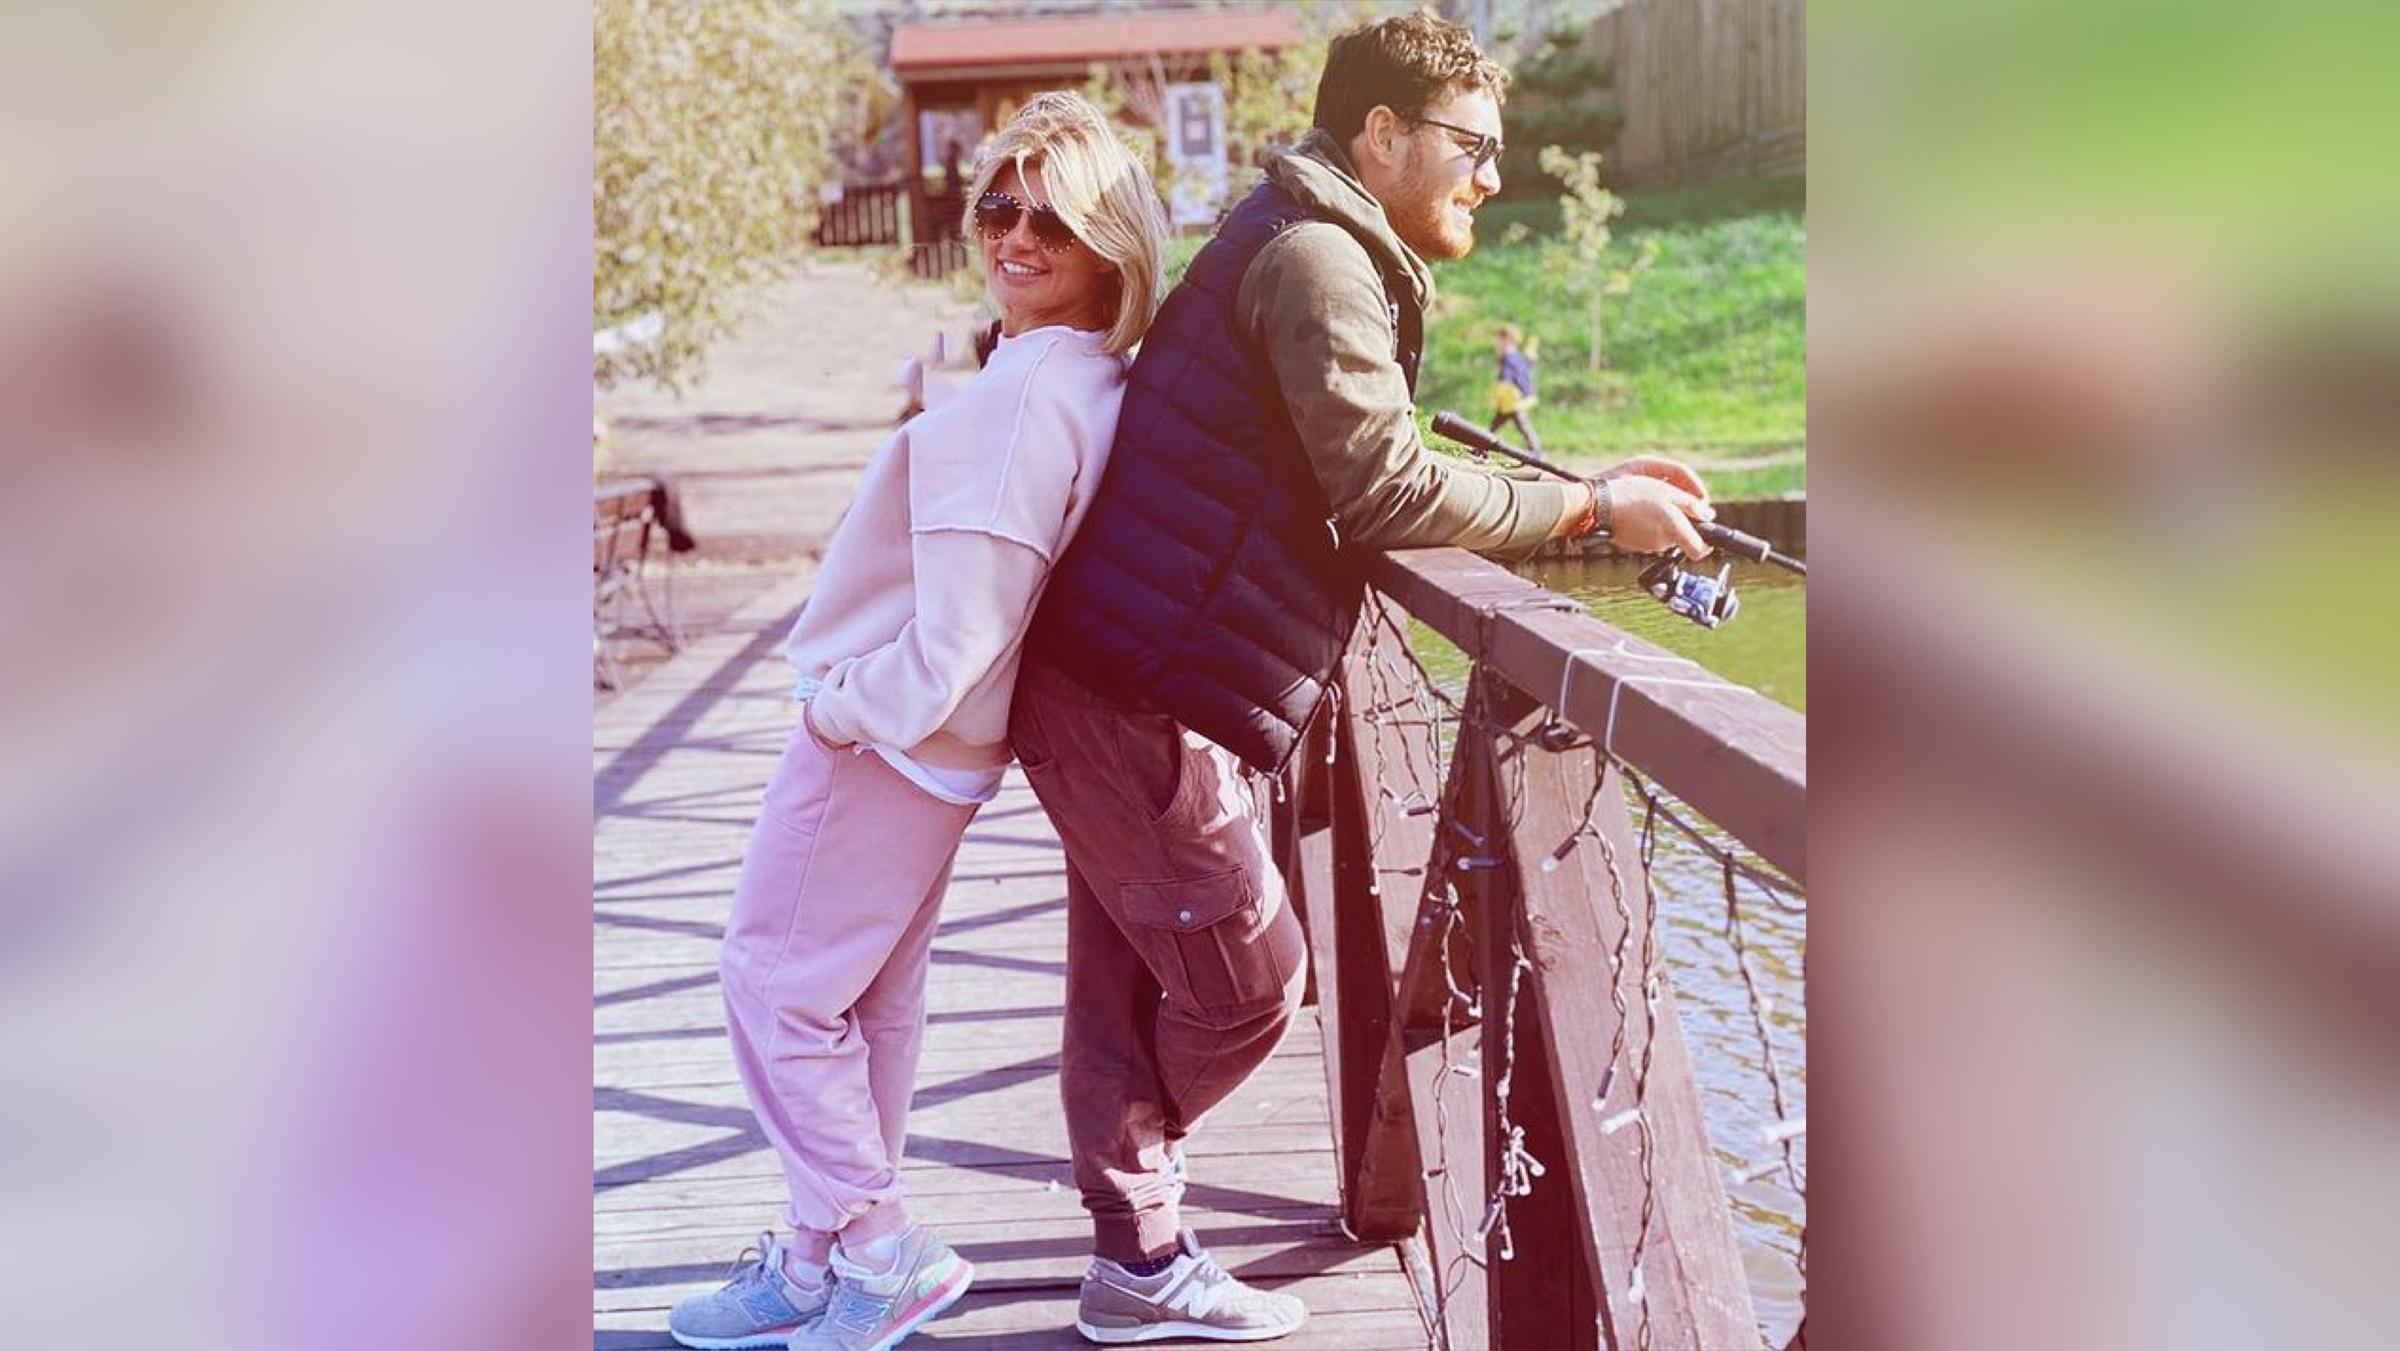 Анна Шерлинг с супругом. Фото © Instagram / annasher_official